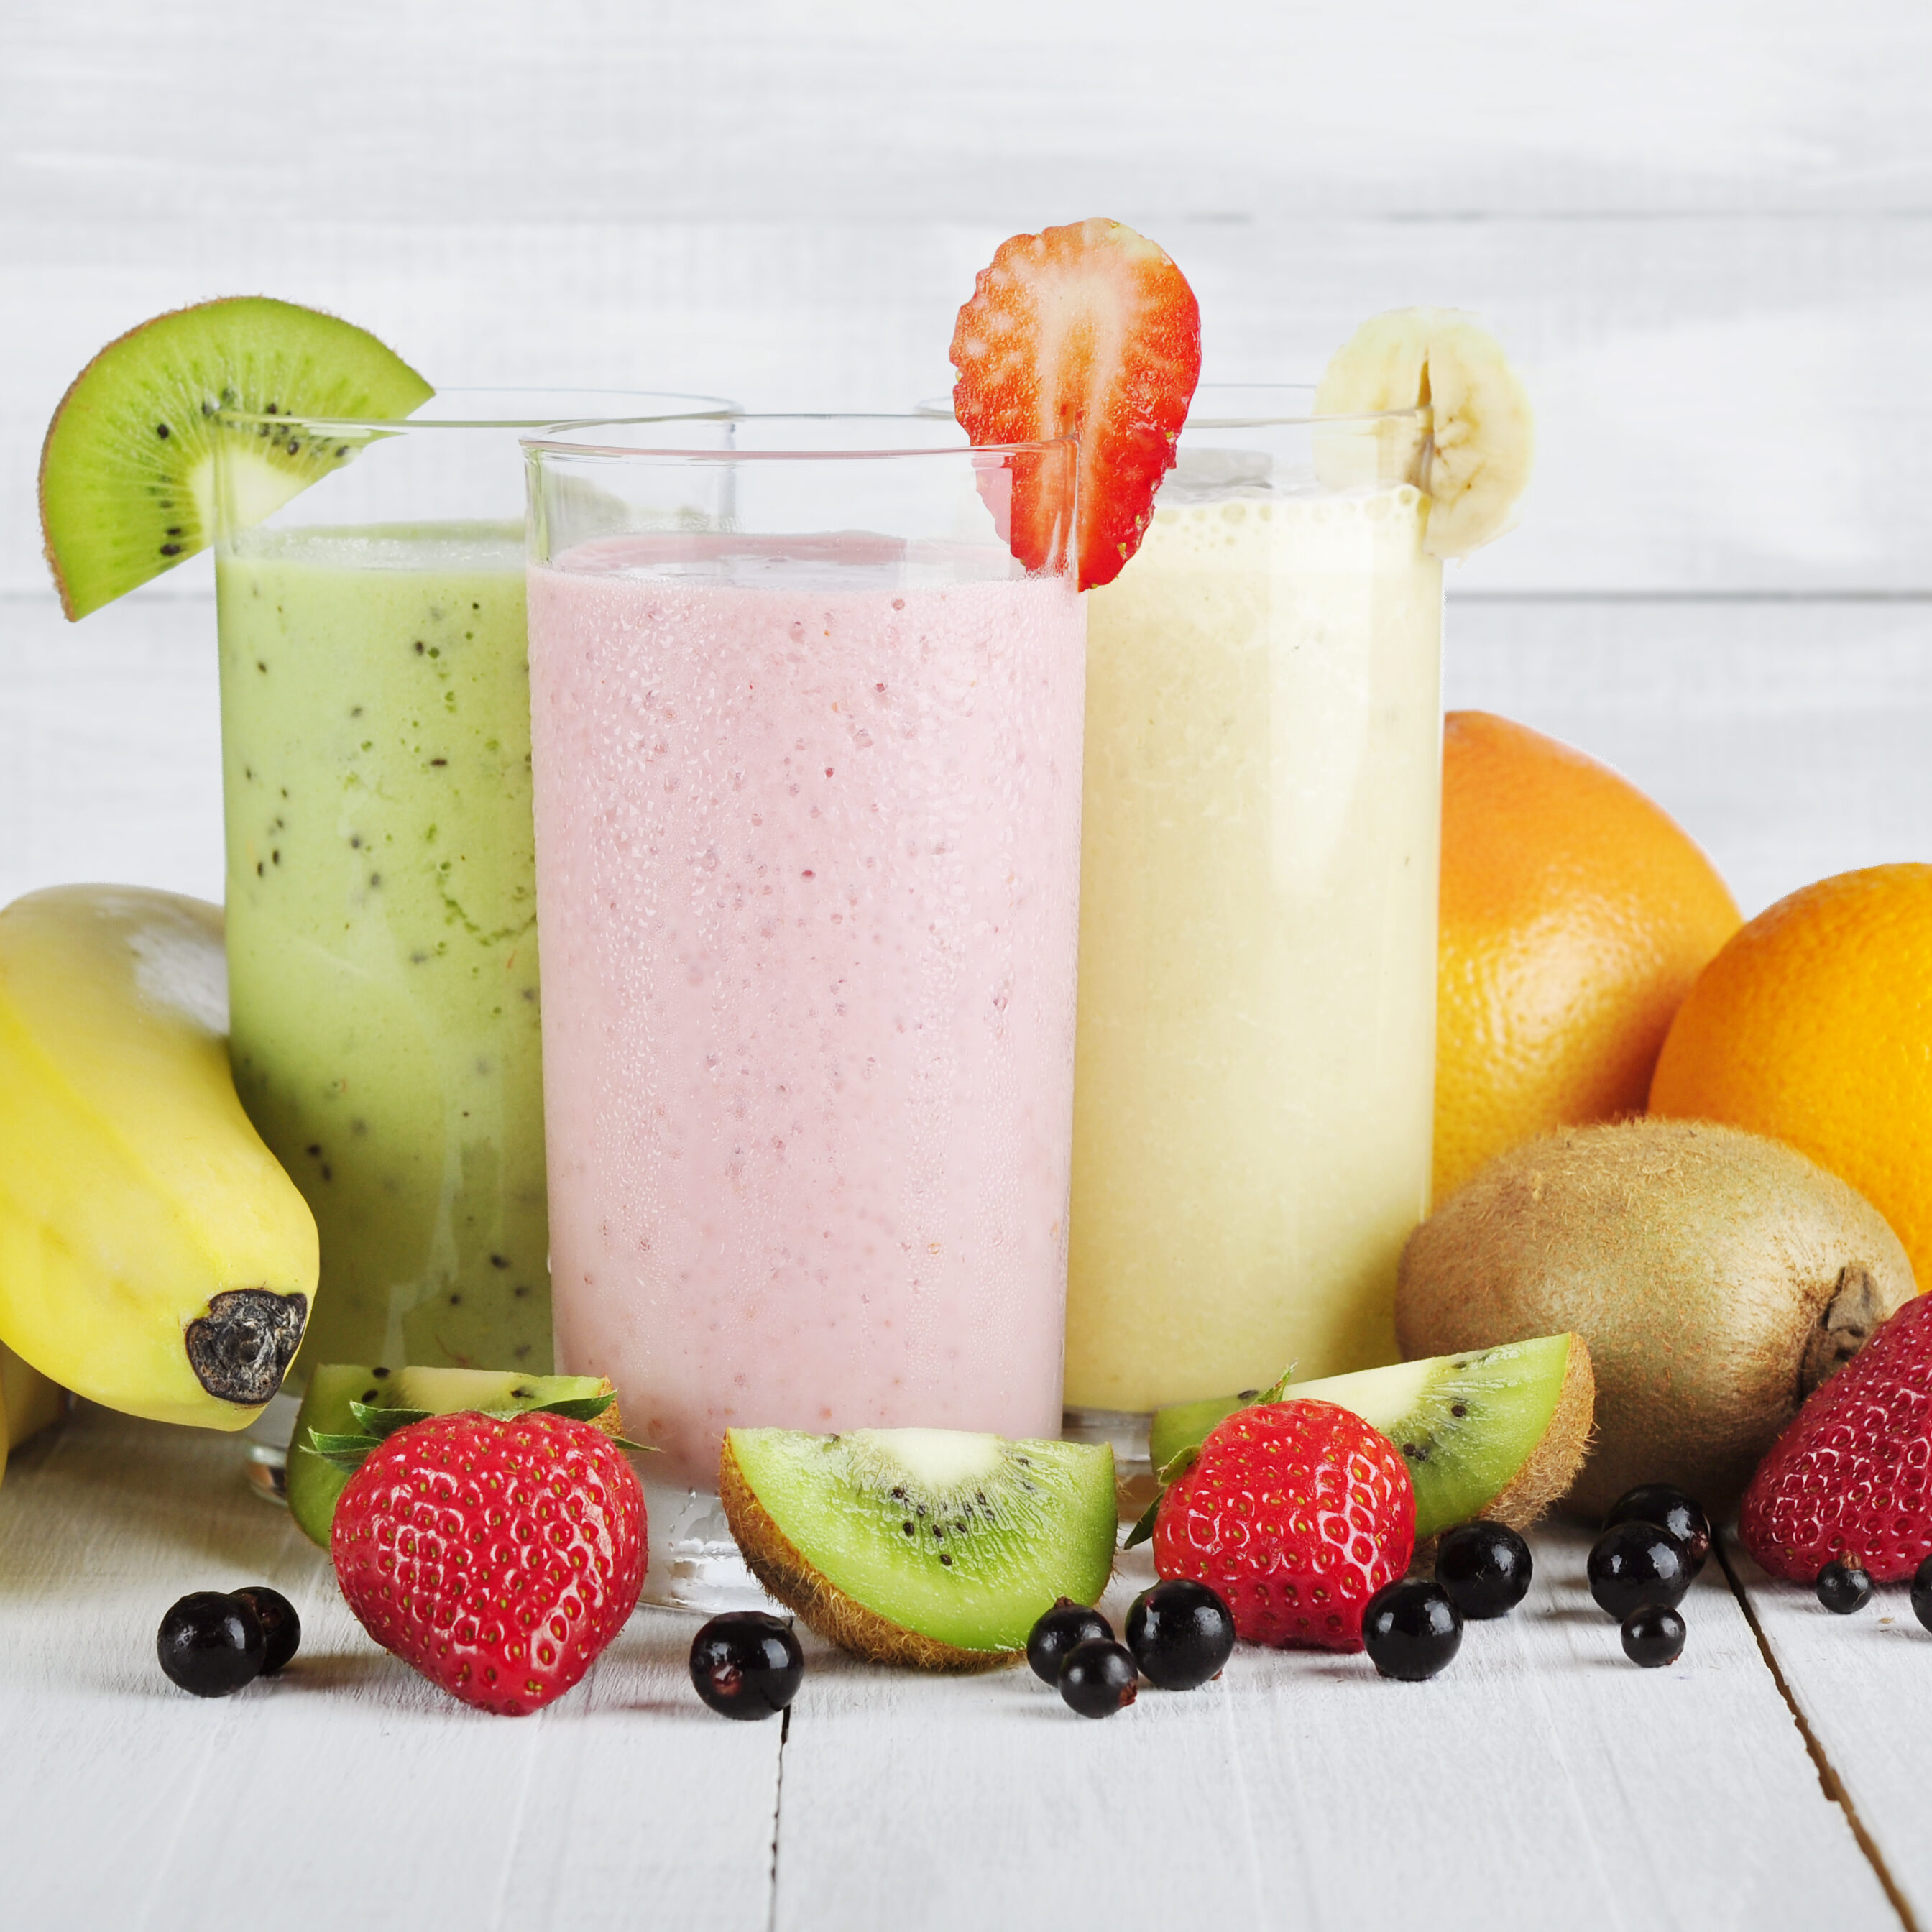 Fruit,Smoothies,With,Black,Currant,,Strawberry,,Kiwi,,Orange,And,Banana